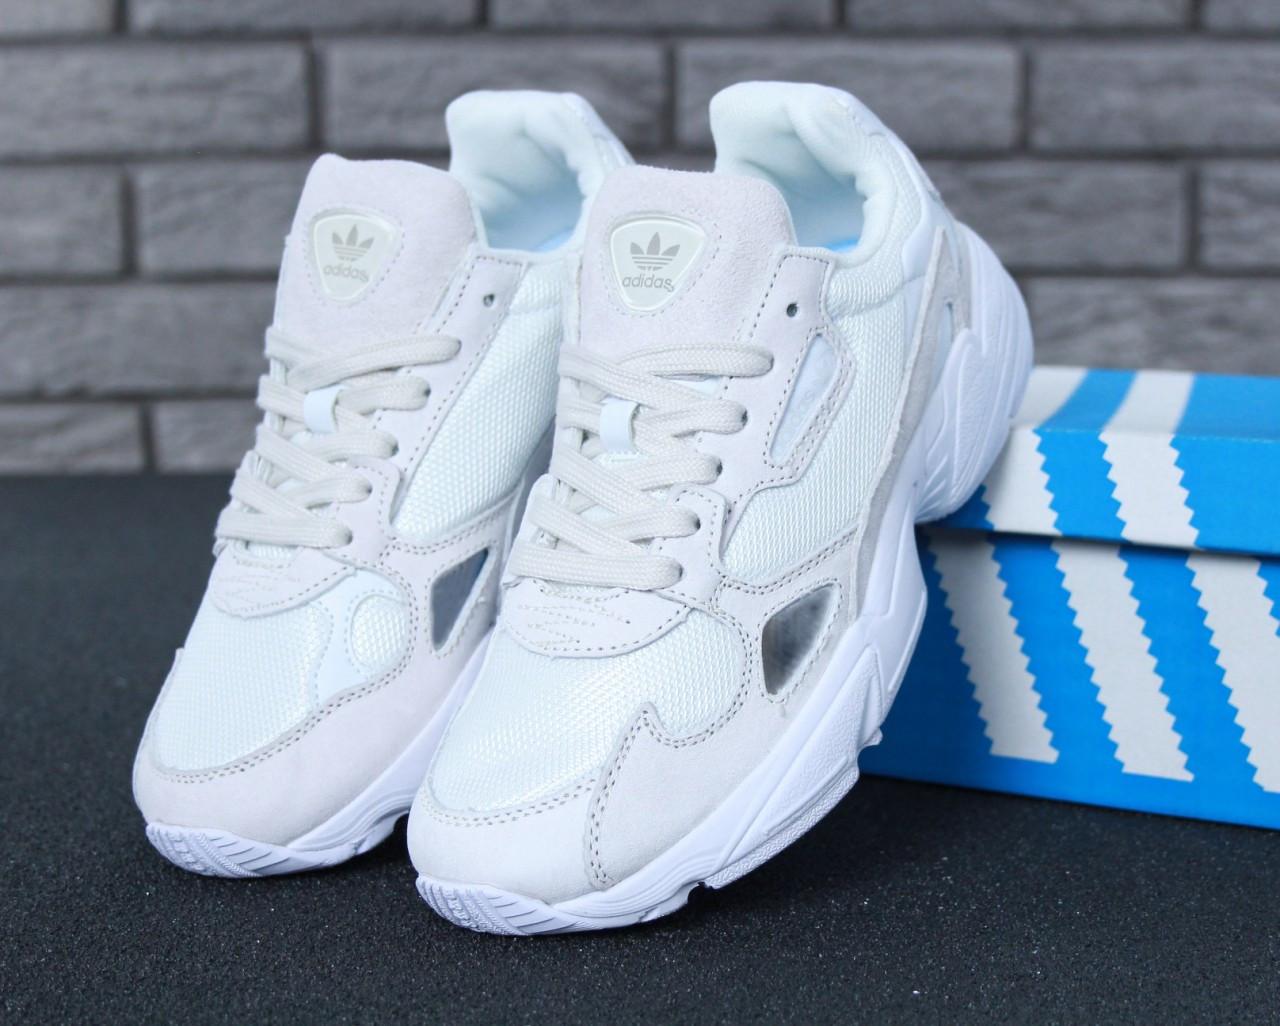 d5745541 Кроссовки Женские Adidas Falcon в Стиле Адидас Фалкон, Белые — в ...